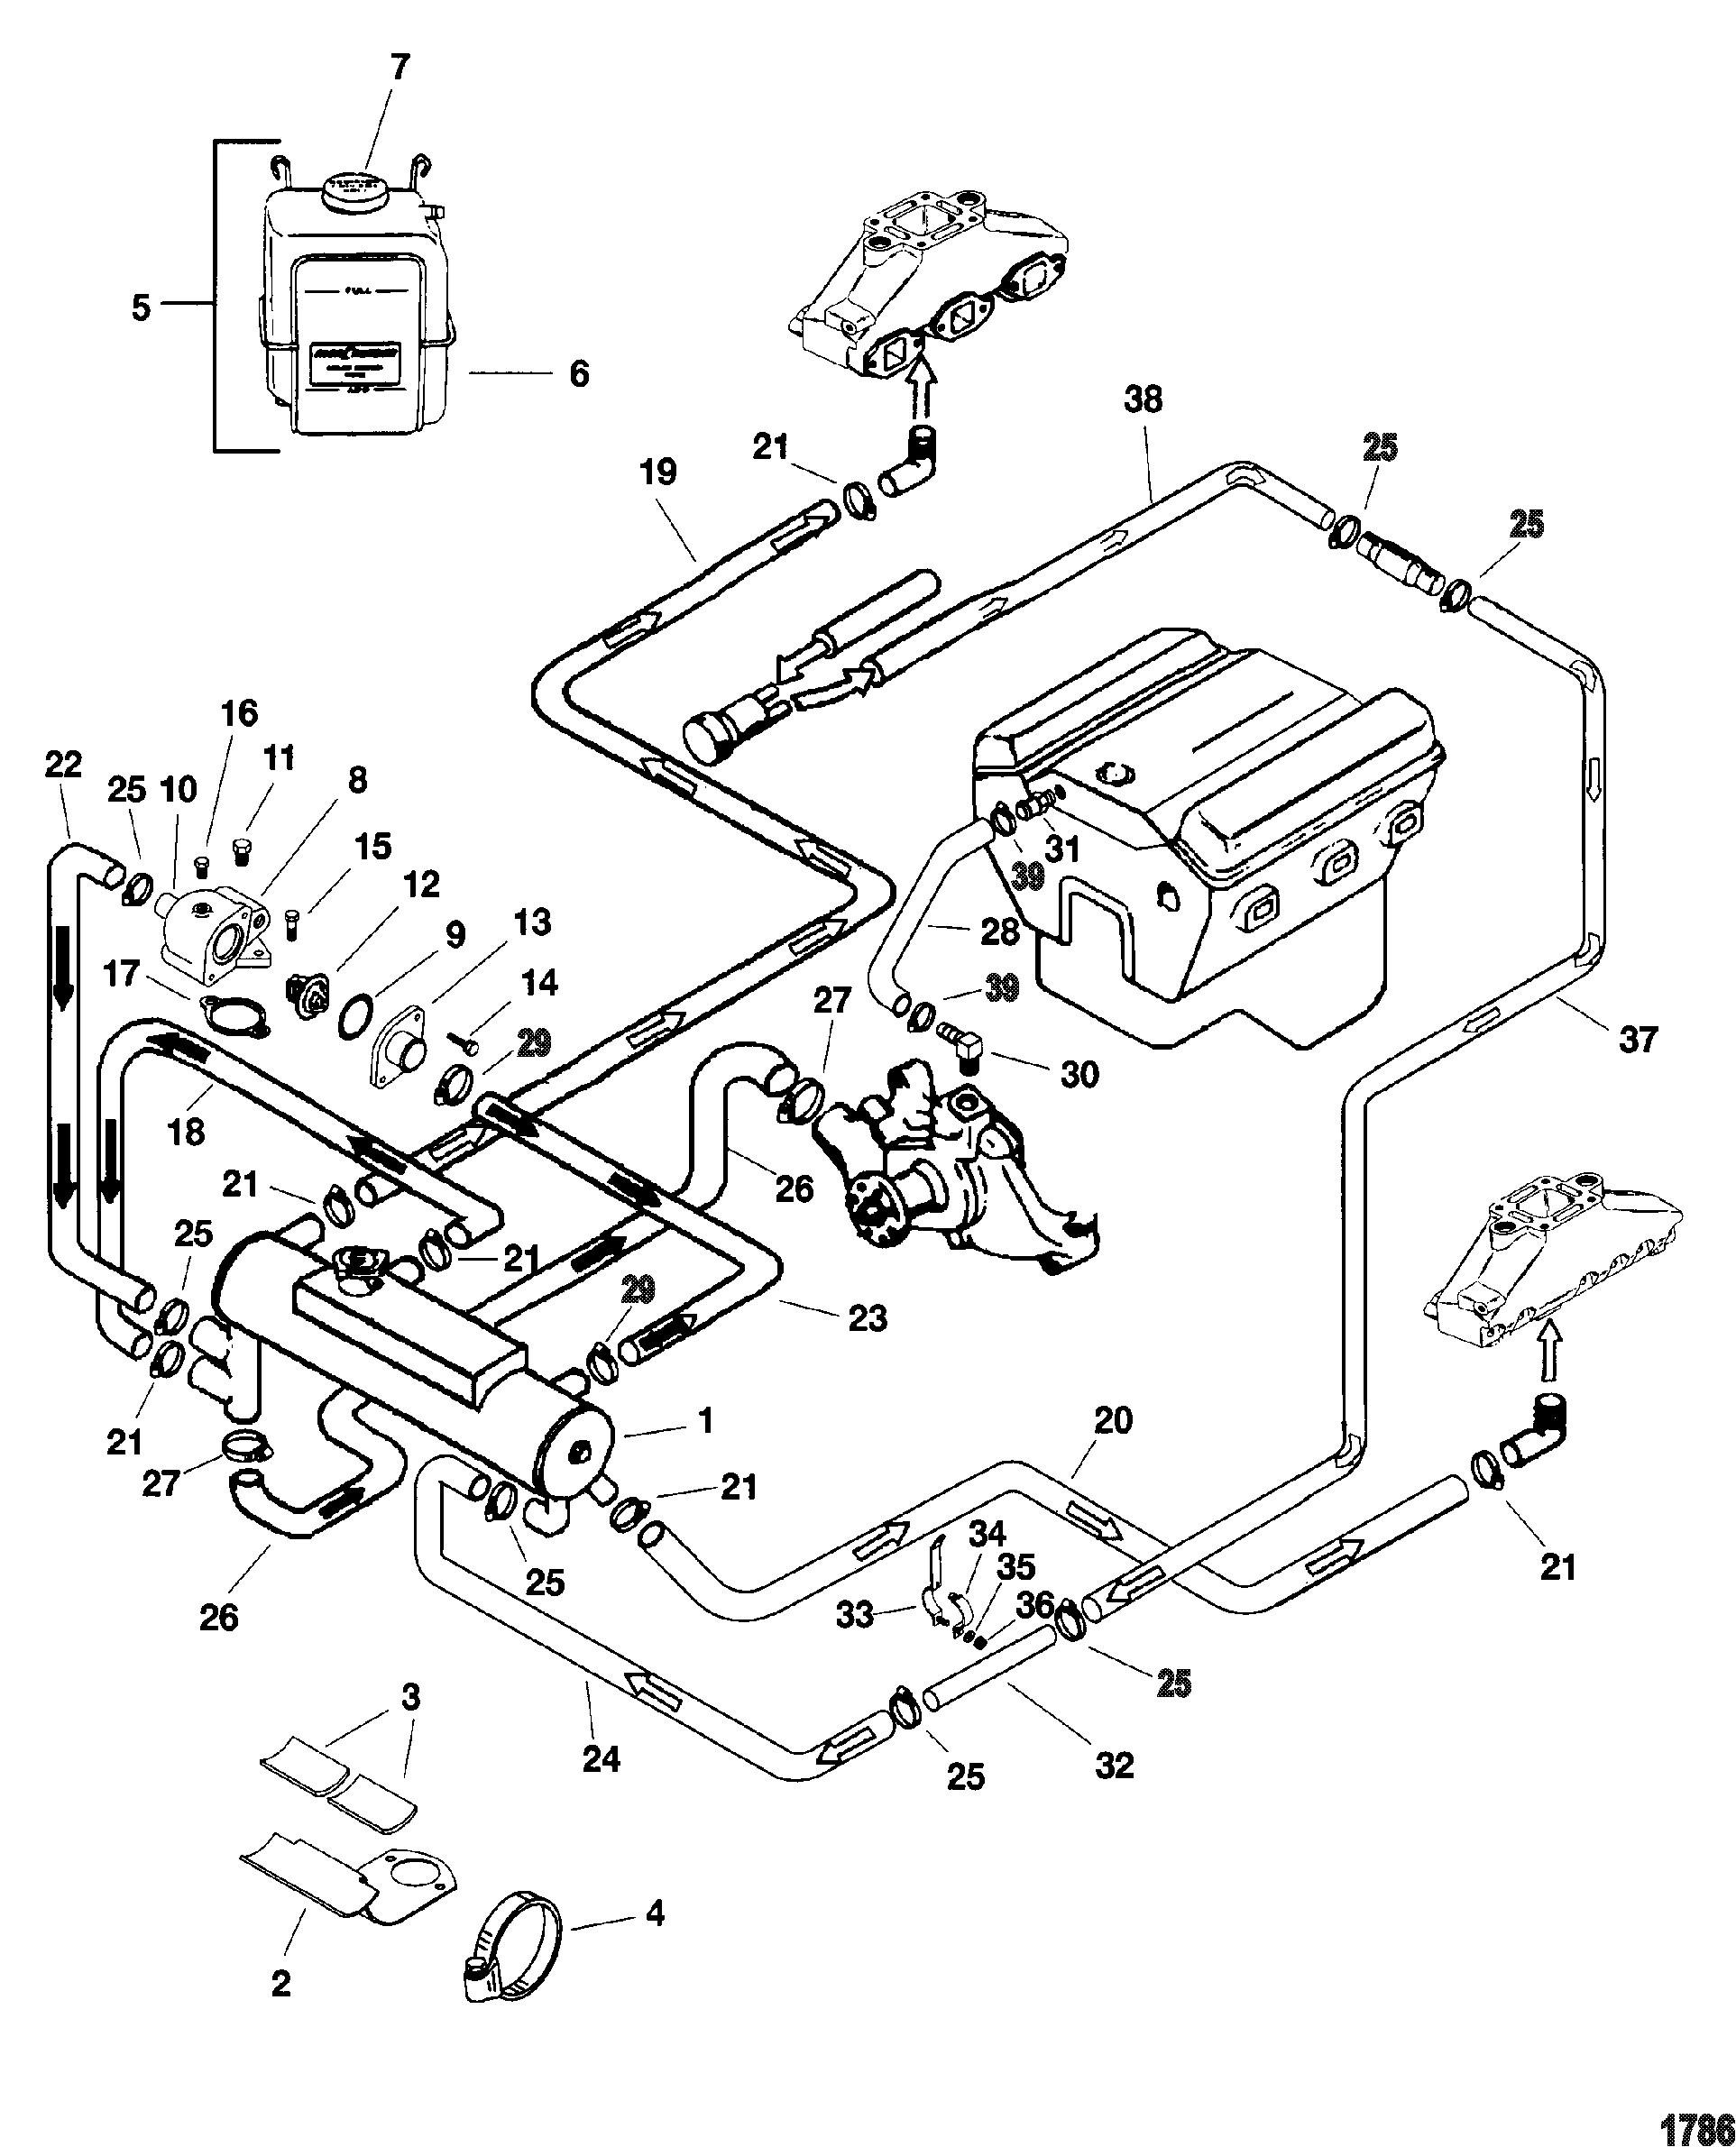 gsr engine diagram online schematics wiring diagrams u2022 rh pushbots sender com